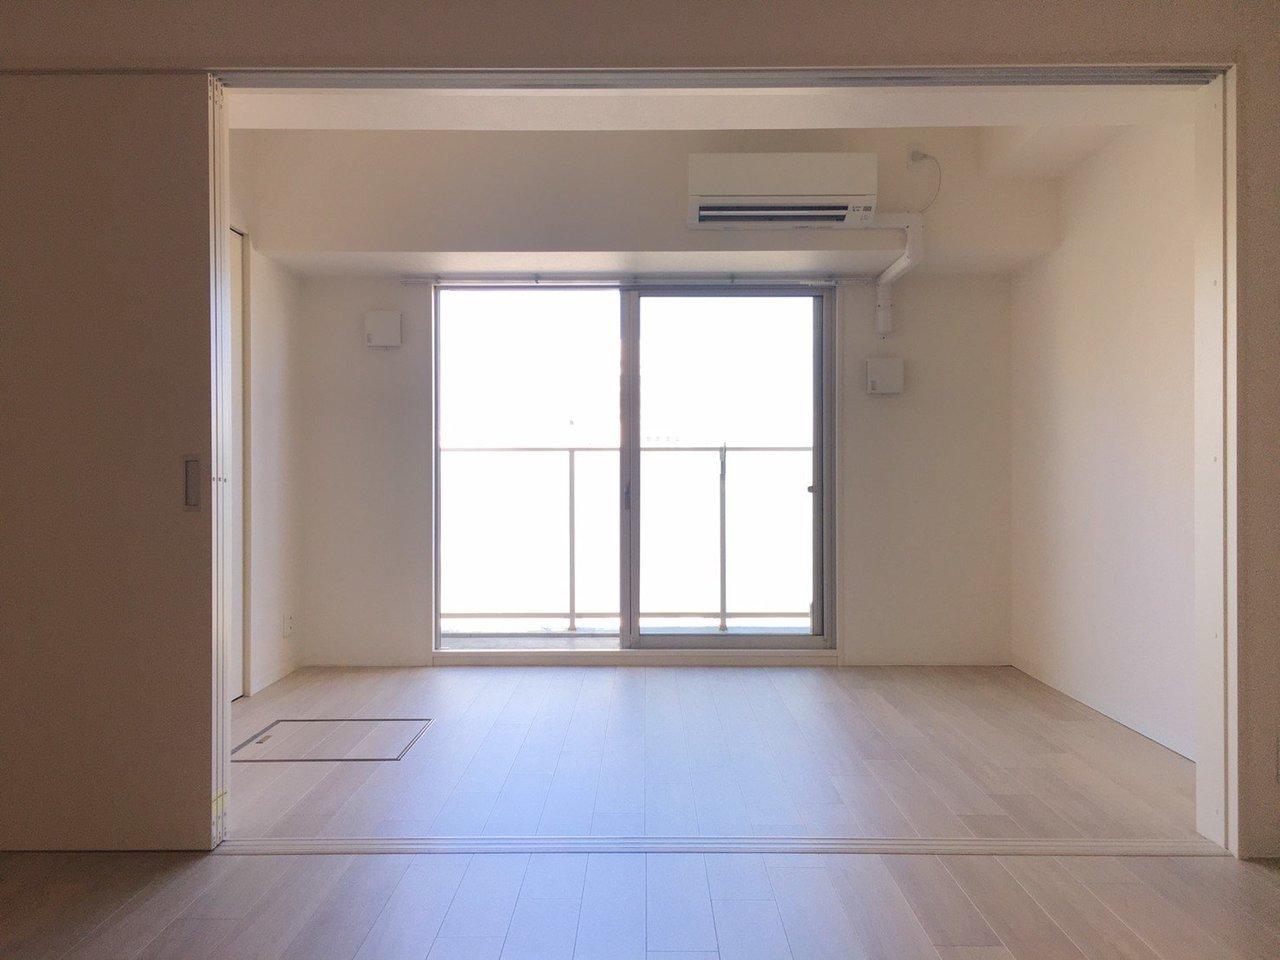 縦に長いタイプの1LDKのお部屋。2部屋の仕切りを開け放して、開放感あるお部屋にしてもいいですね。奥が寝室、手前がリビング、という感じで使いましょうか。